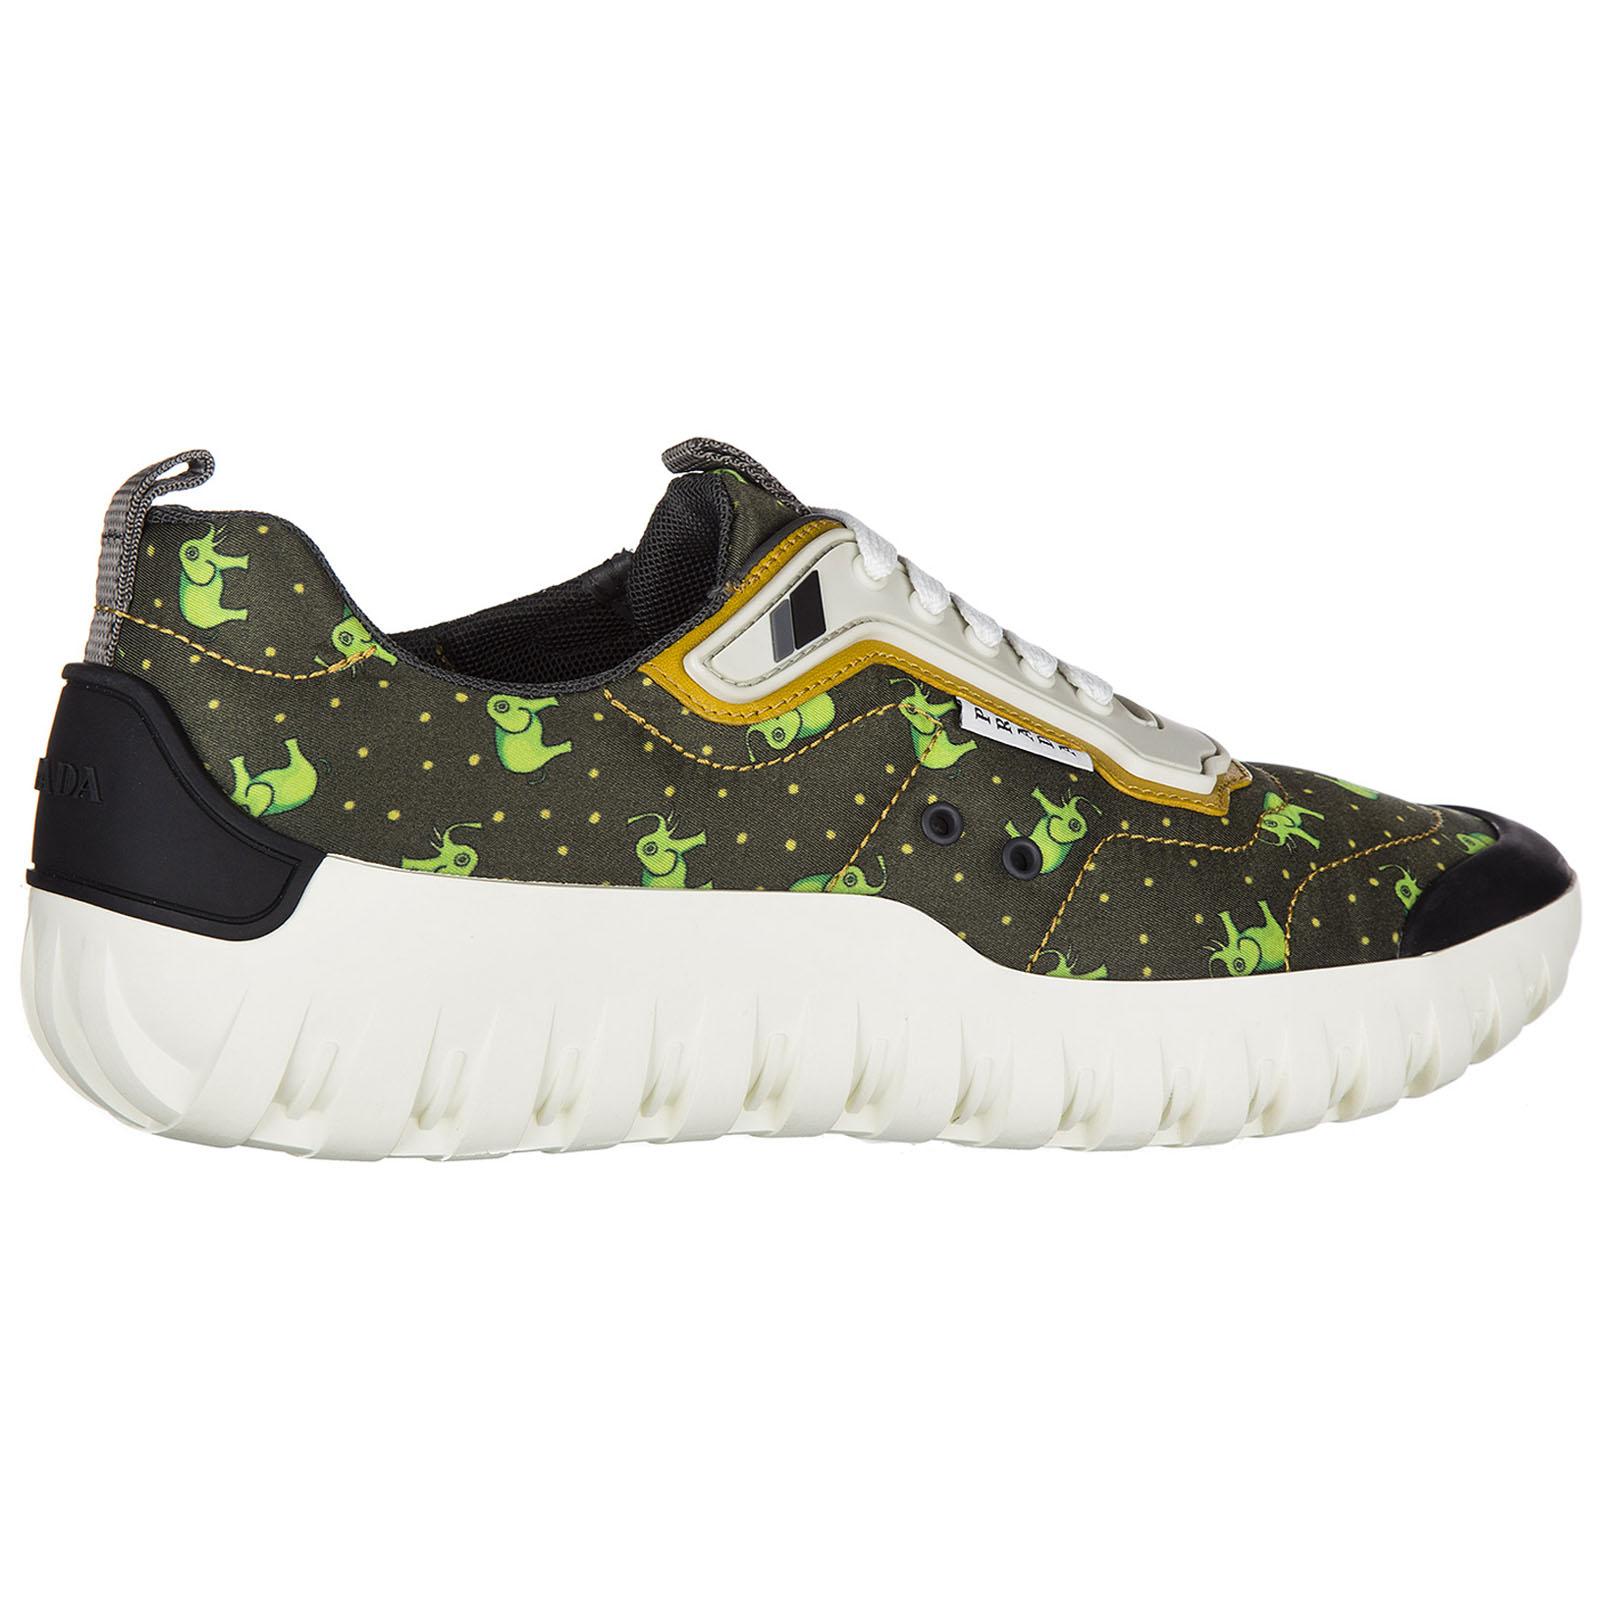 sélectionner pour dernier vif et grand en style moitié prix Chaussures baskets sneakers homme en nylon steele